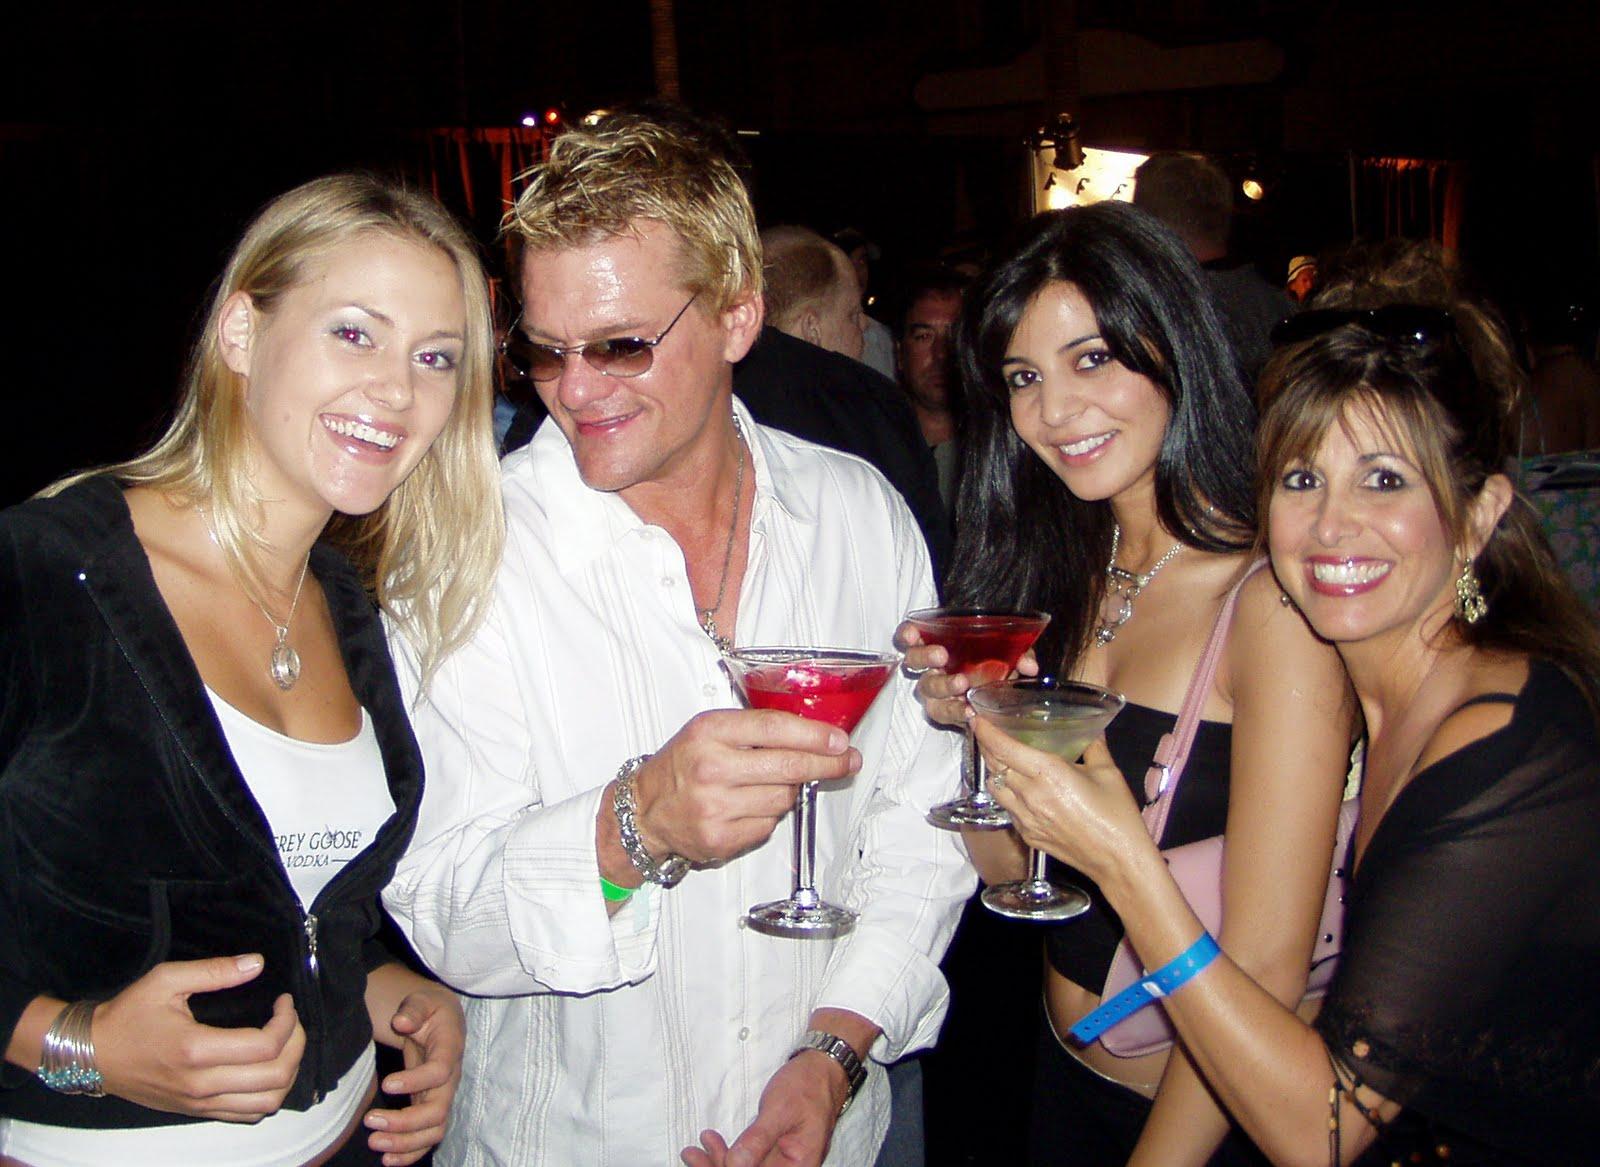 http://2.bp.blogspot.com/_eq9Ae3PzIVE/TA-Vp00RzxI/AAAAAAAAJi8/Wb3UZLjRJFQ/s1600/party.jpg